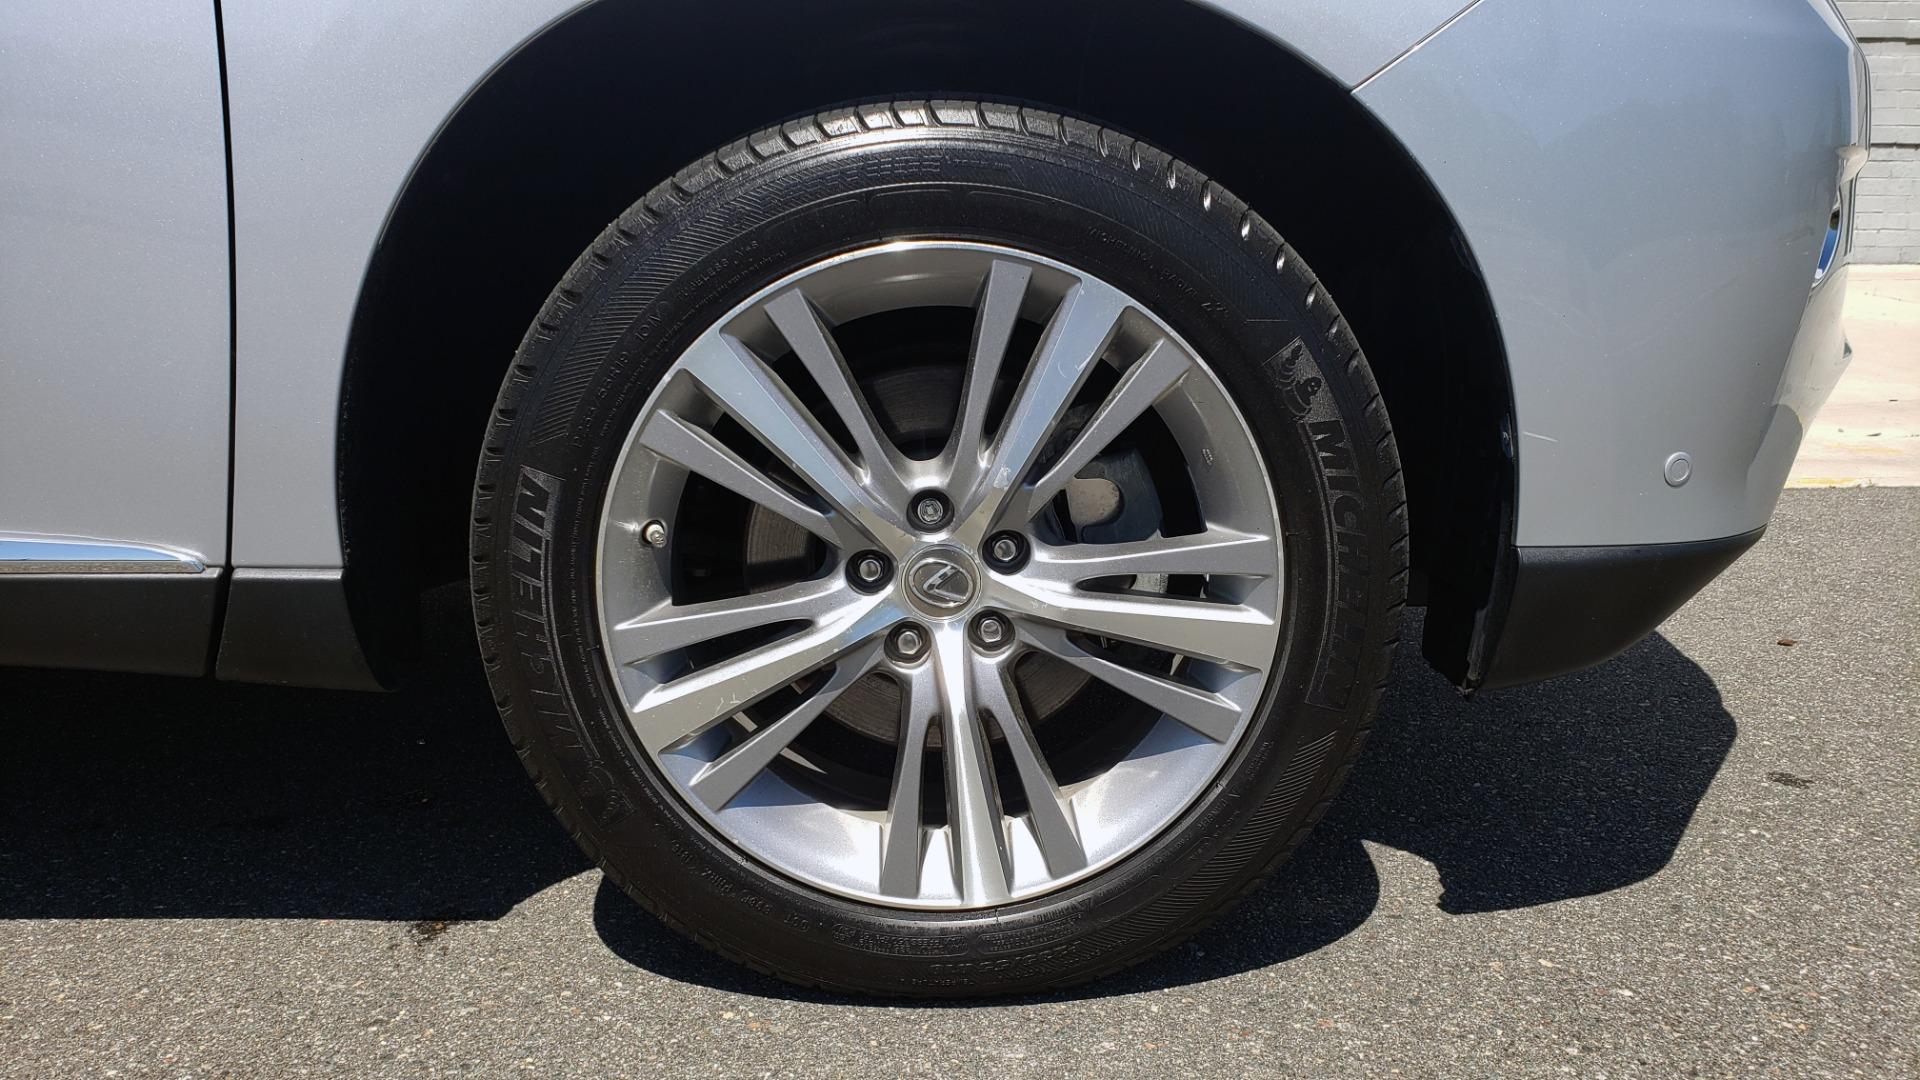 Used 2015 Lexus RX 450H AWD / PREM PKG / NAV / PARK ASST / HUD / BLIND SPOT MONITOR for sale Sold at Formula Imports in Charlotte NC 28227 86